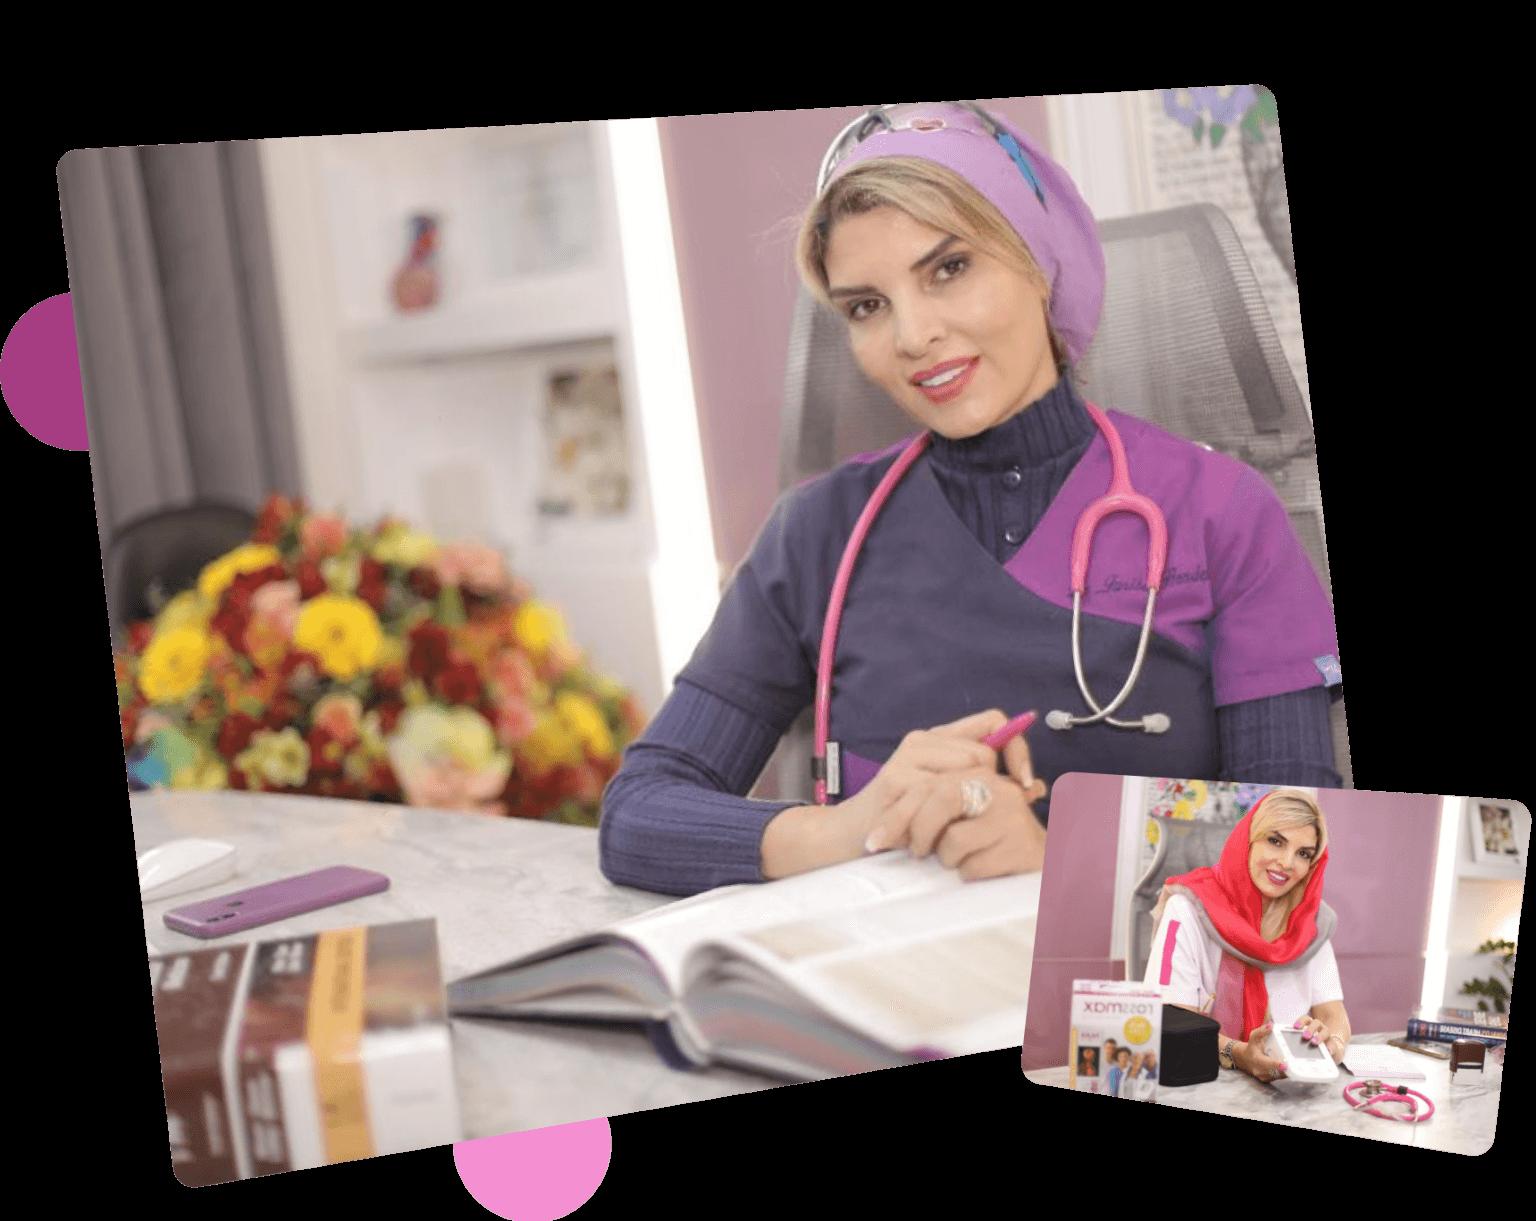 دکتر فریبا هندسی متخصص قلب